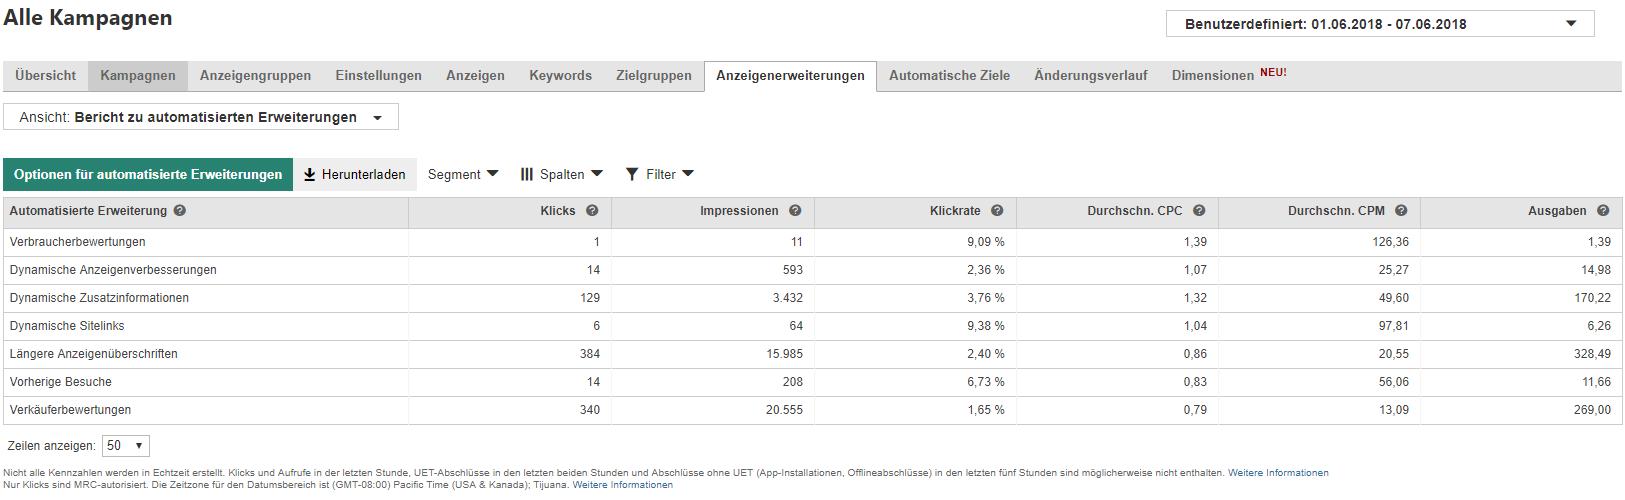 Berichterstellungsoptionen für automatisierte Erweiterungen in Bing Ads